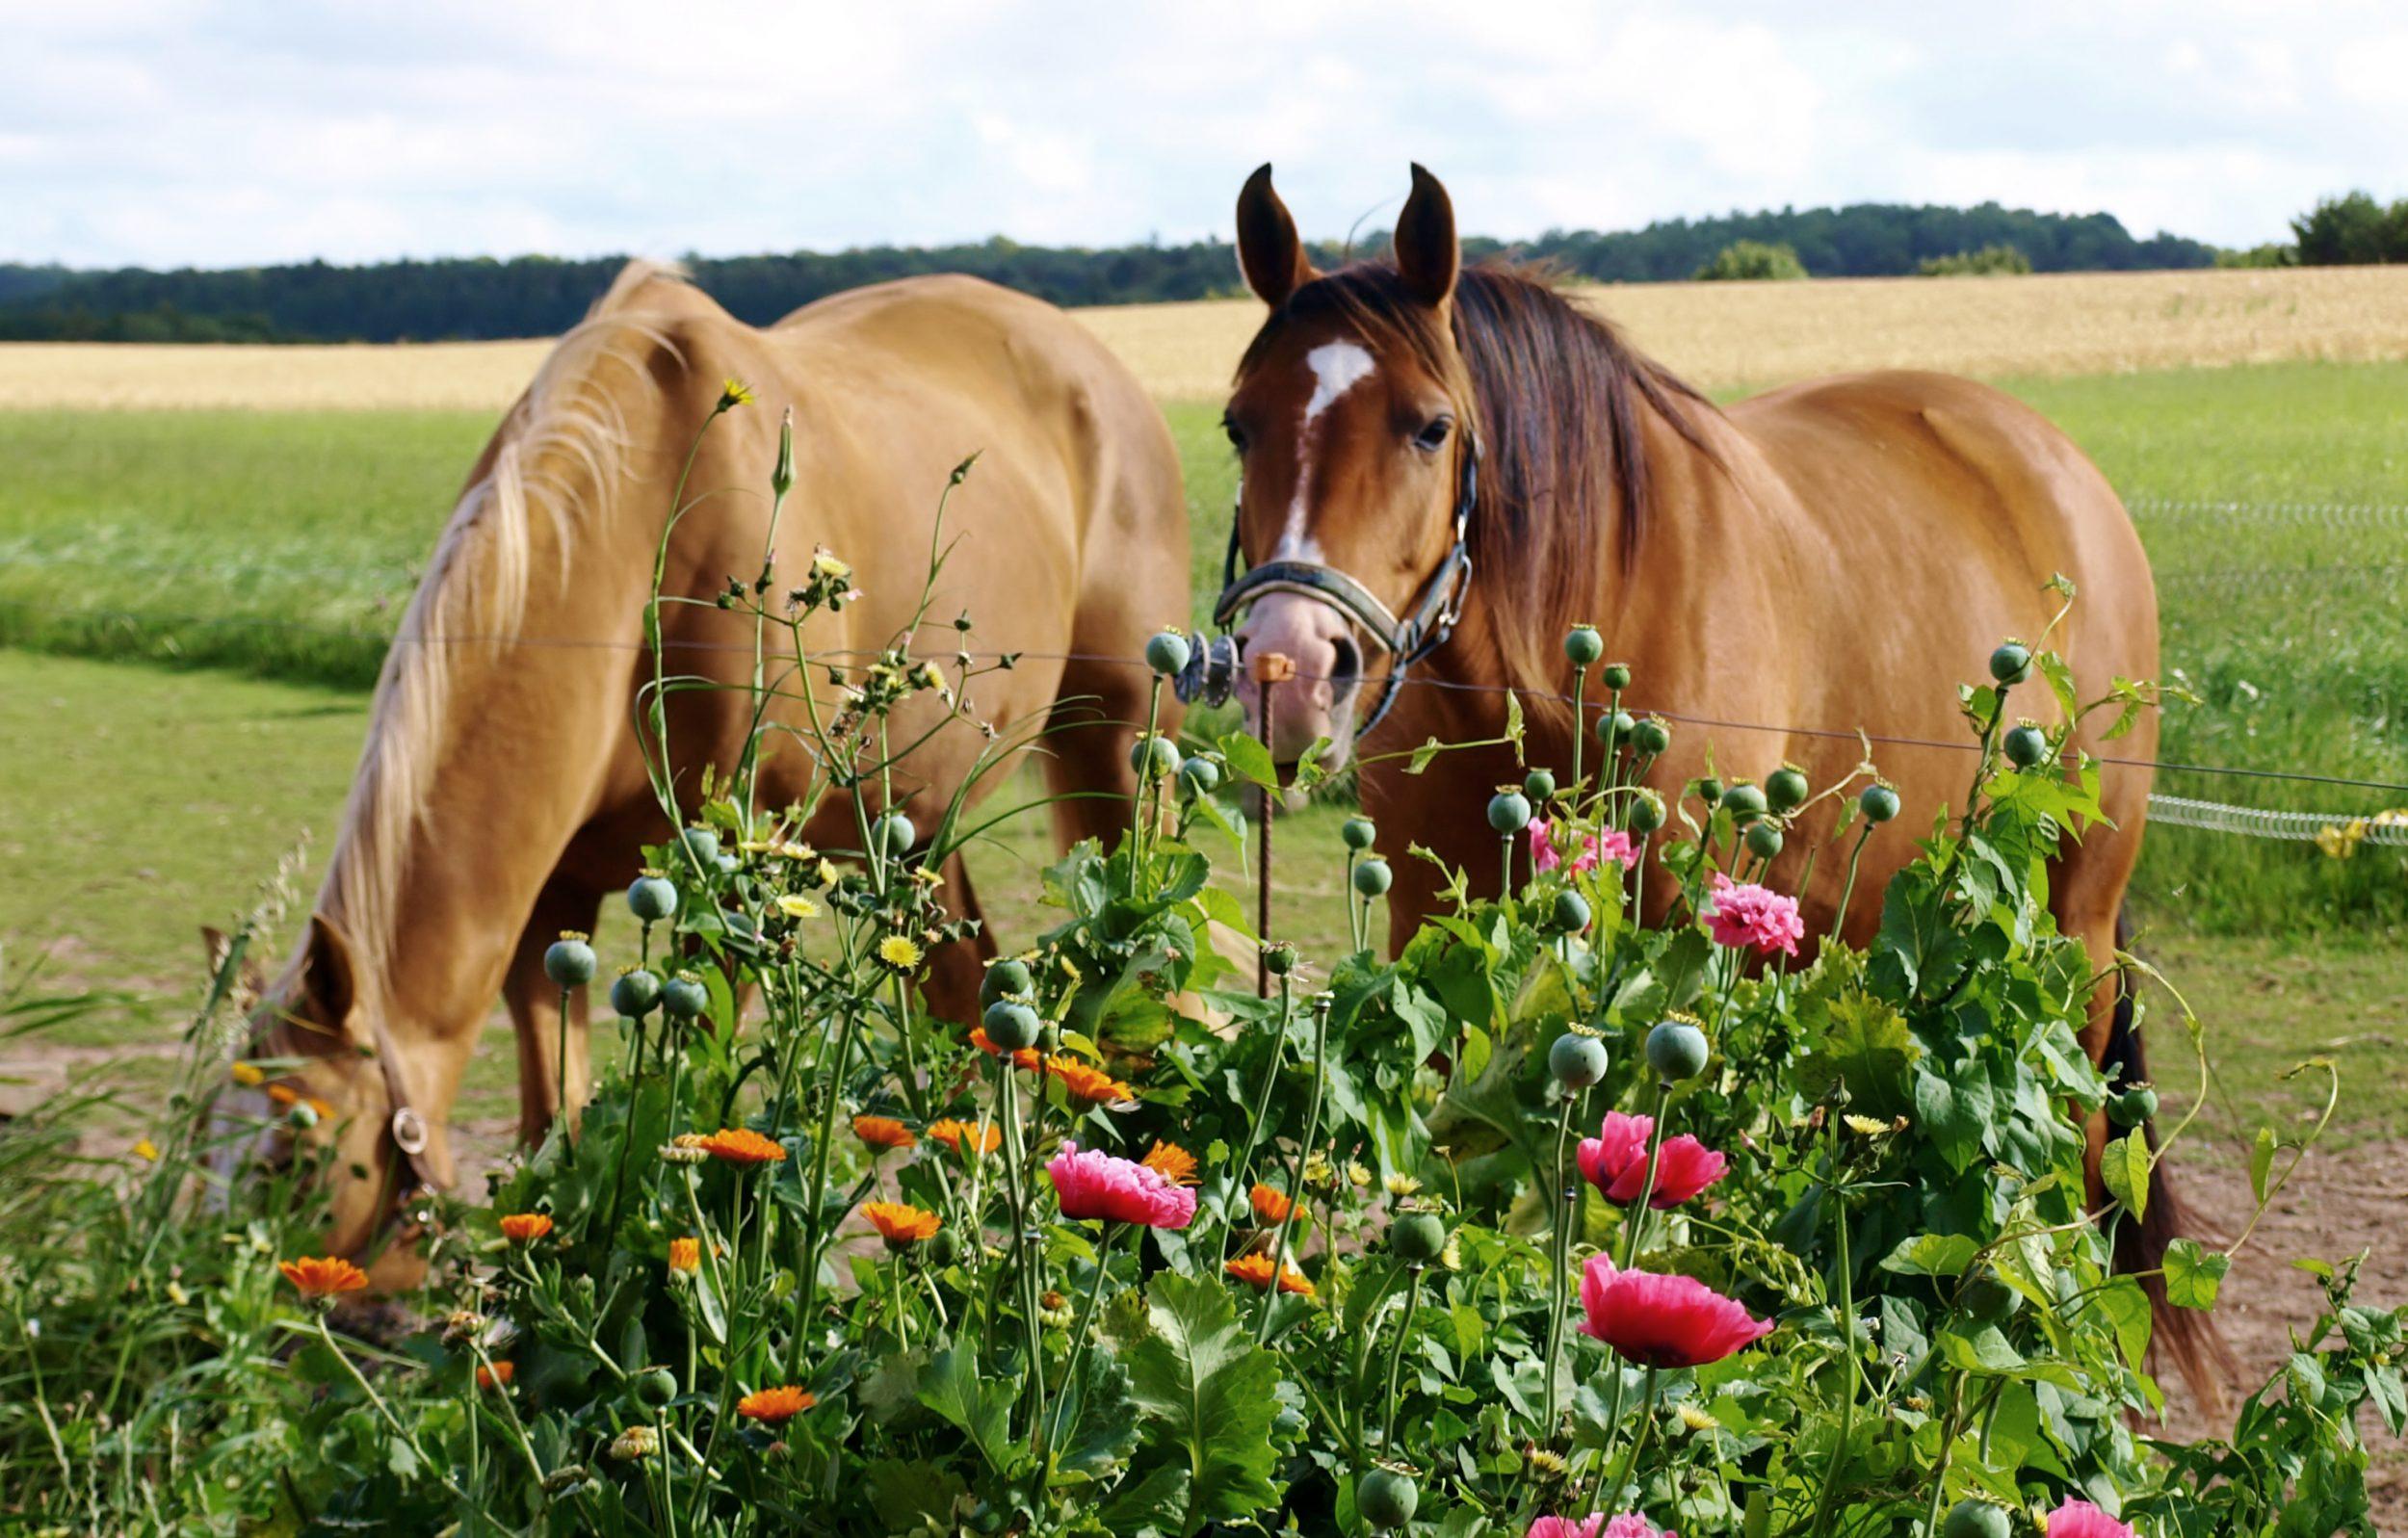 Giv hjernen et frikvarter: Lej en hest og rid en tur i Egedals skønne natur